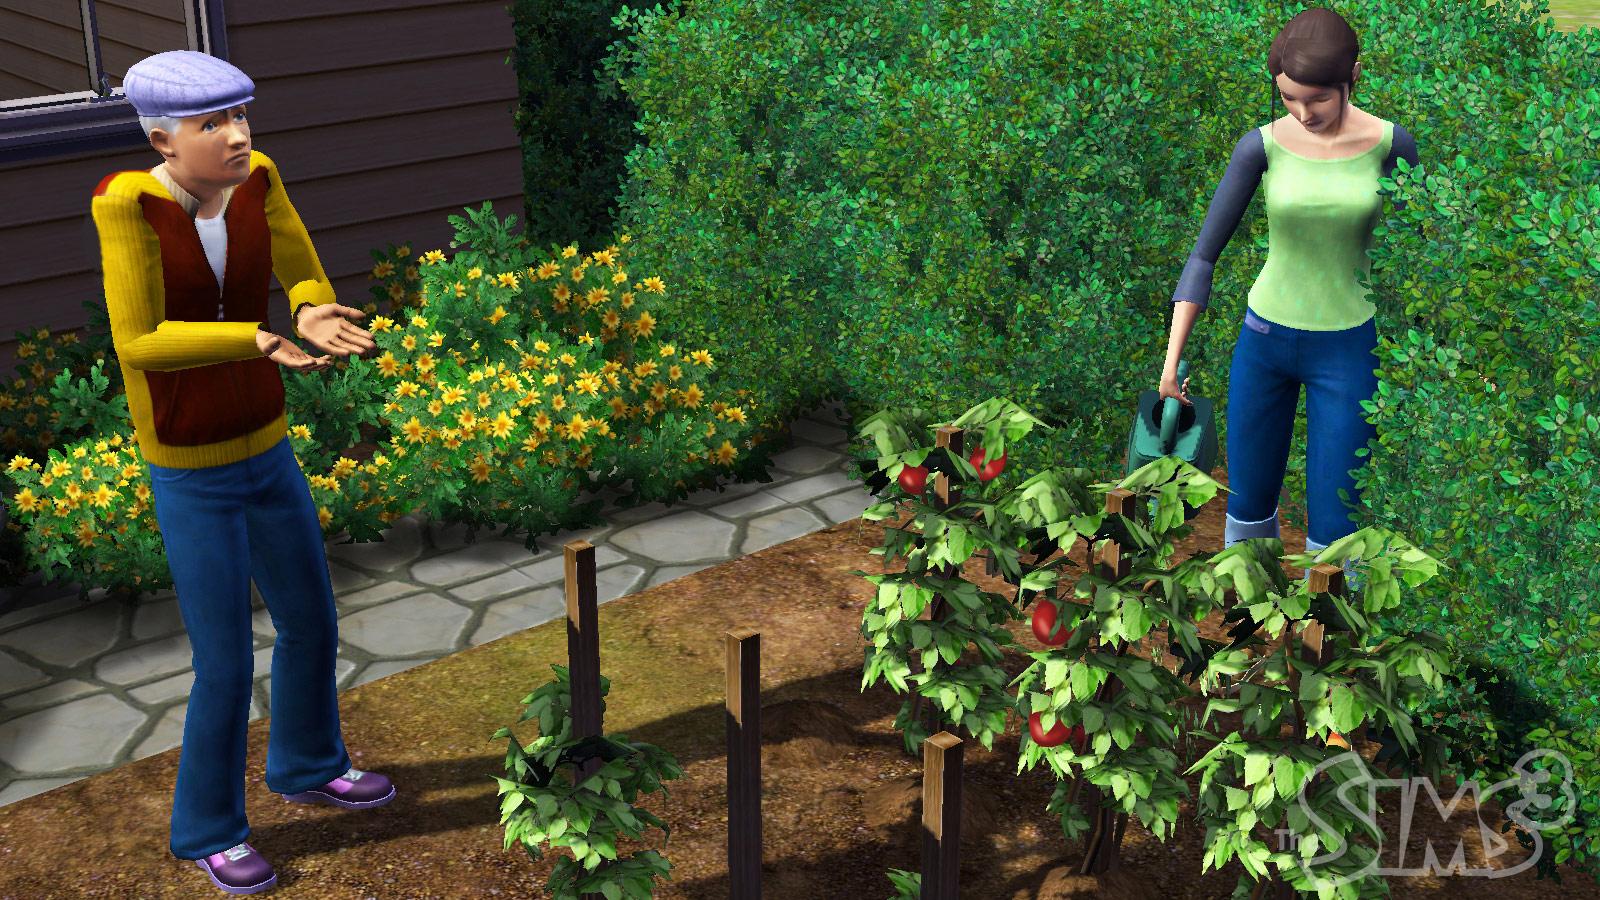 Electronic Arts enthüllt Die Sims 3 - Die Sims 3